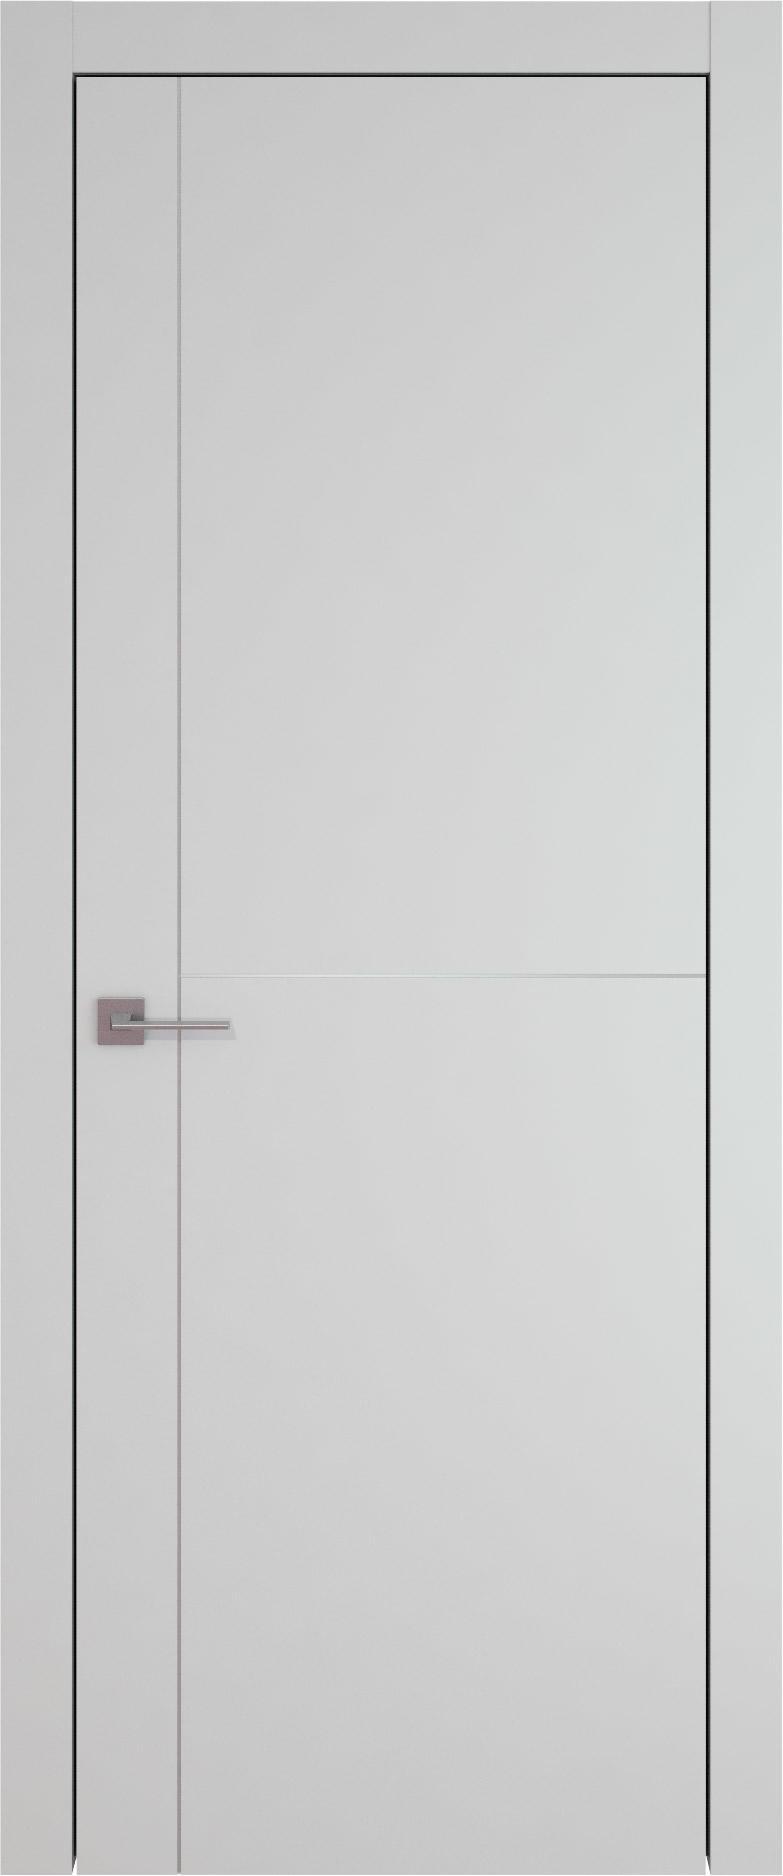 Tivoli Е-3 цвет - Серая эмаль (RAL 7047) Без стекла (ДГ)